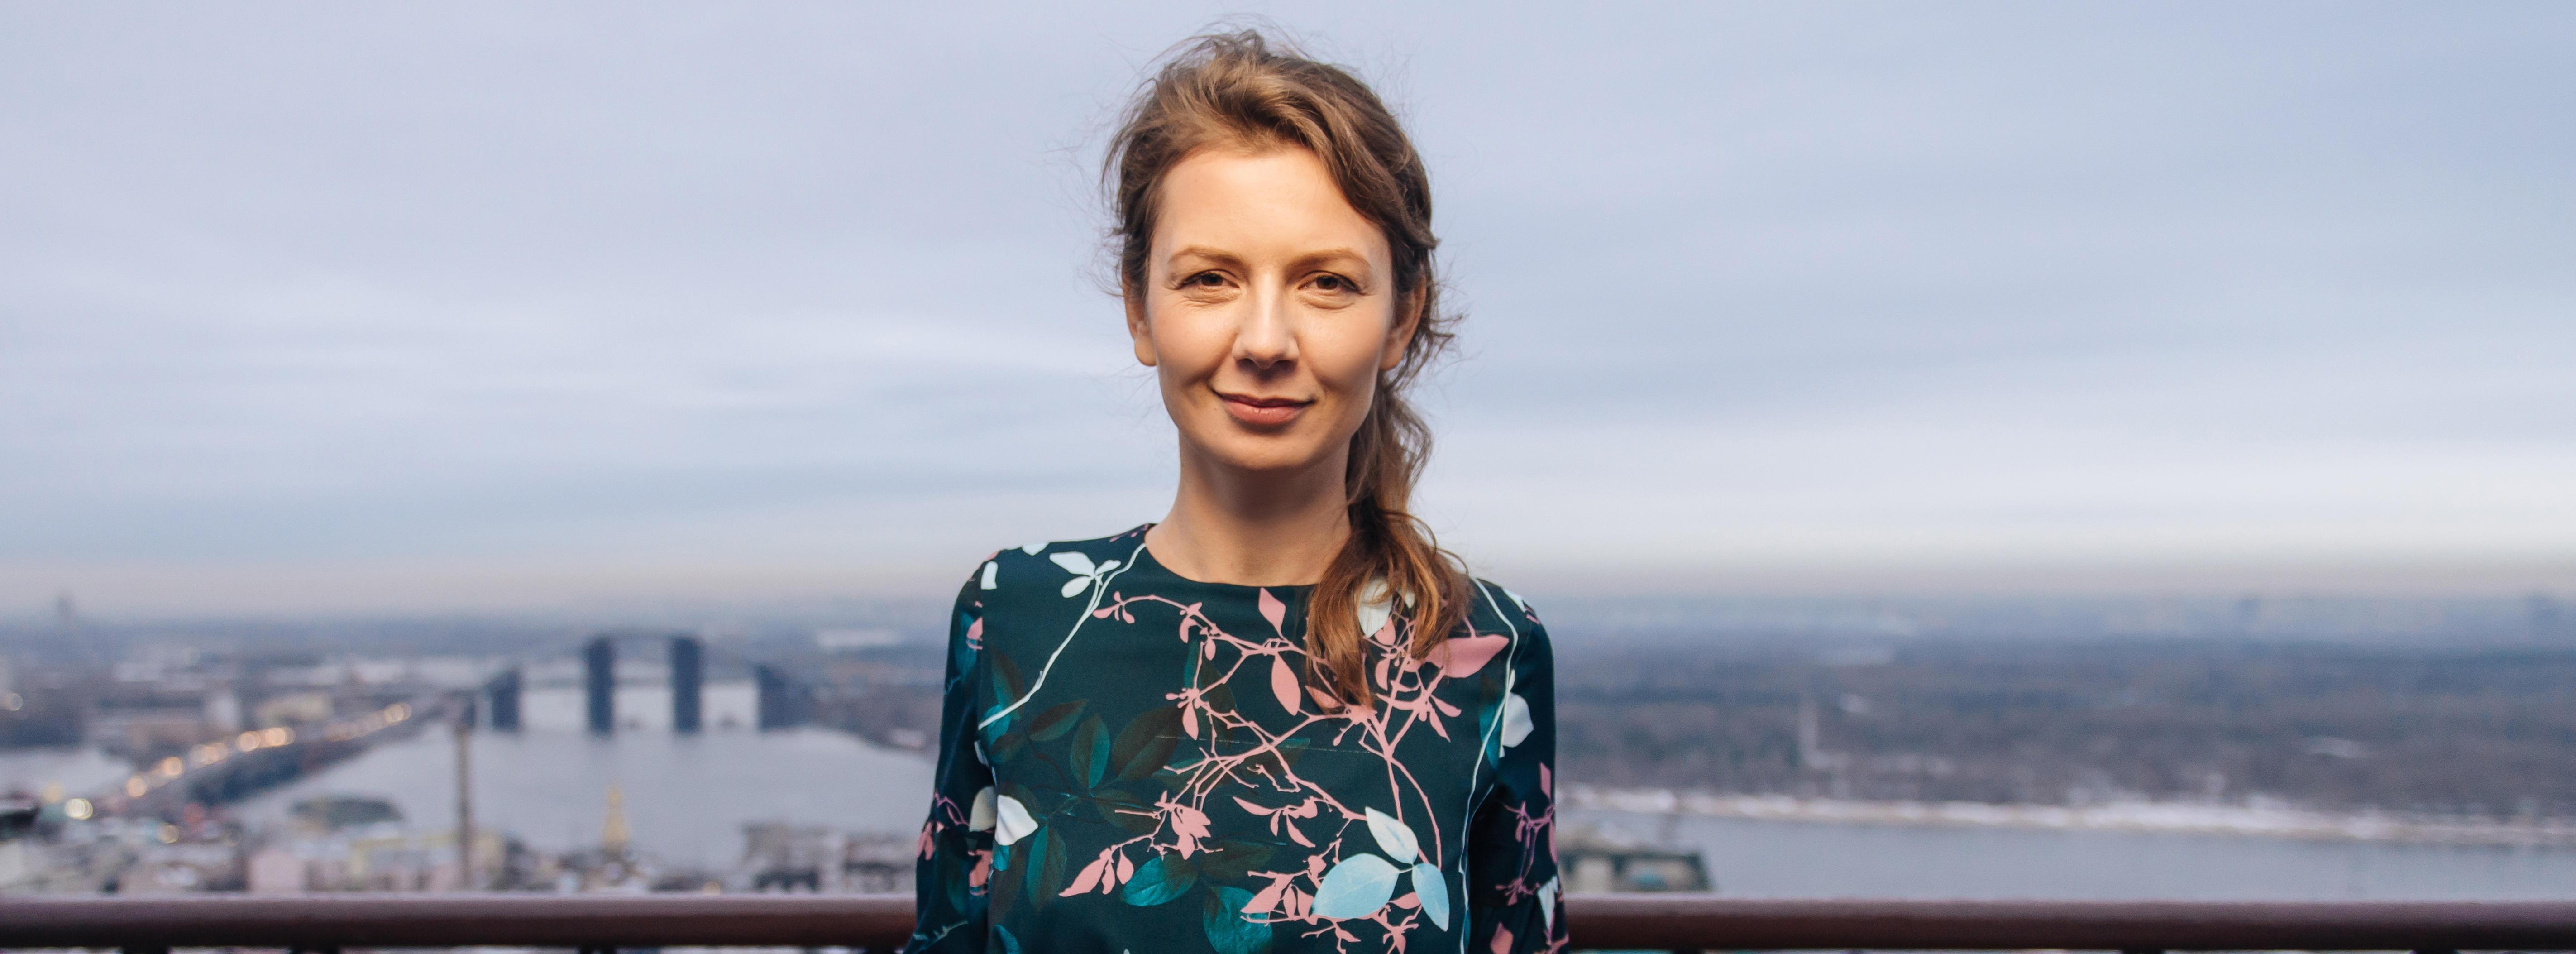 Анна Луковкина